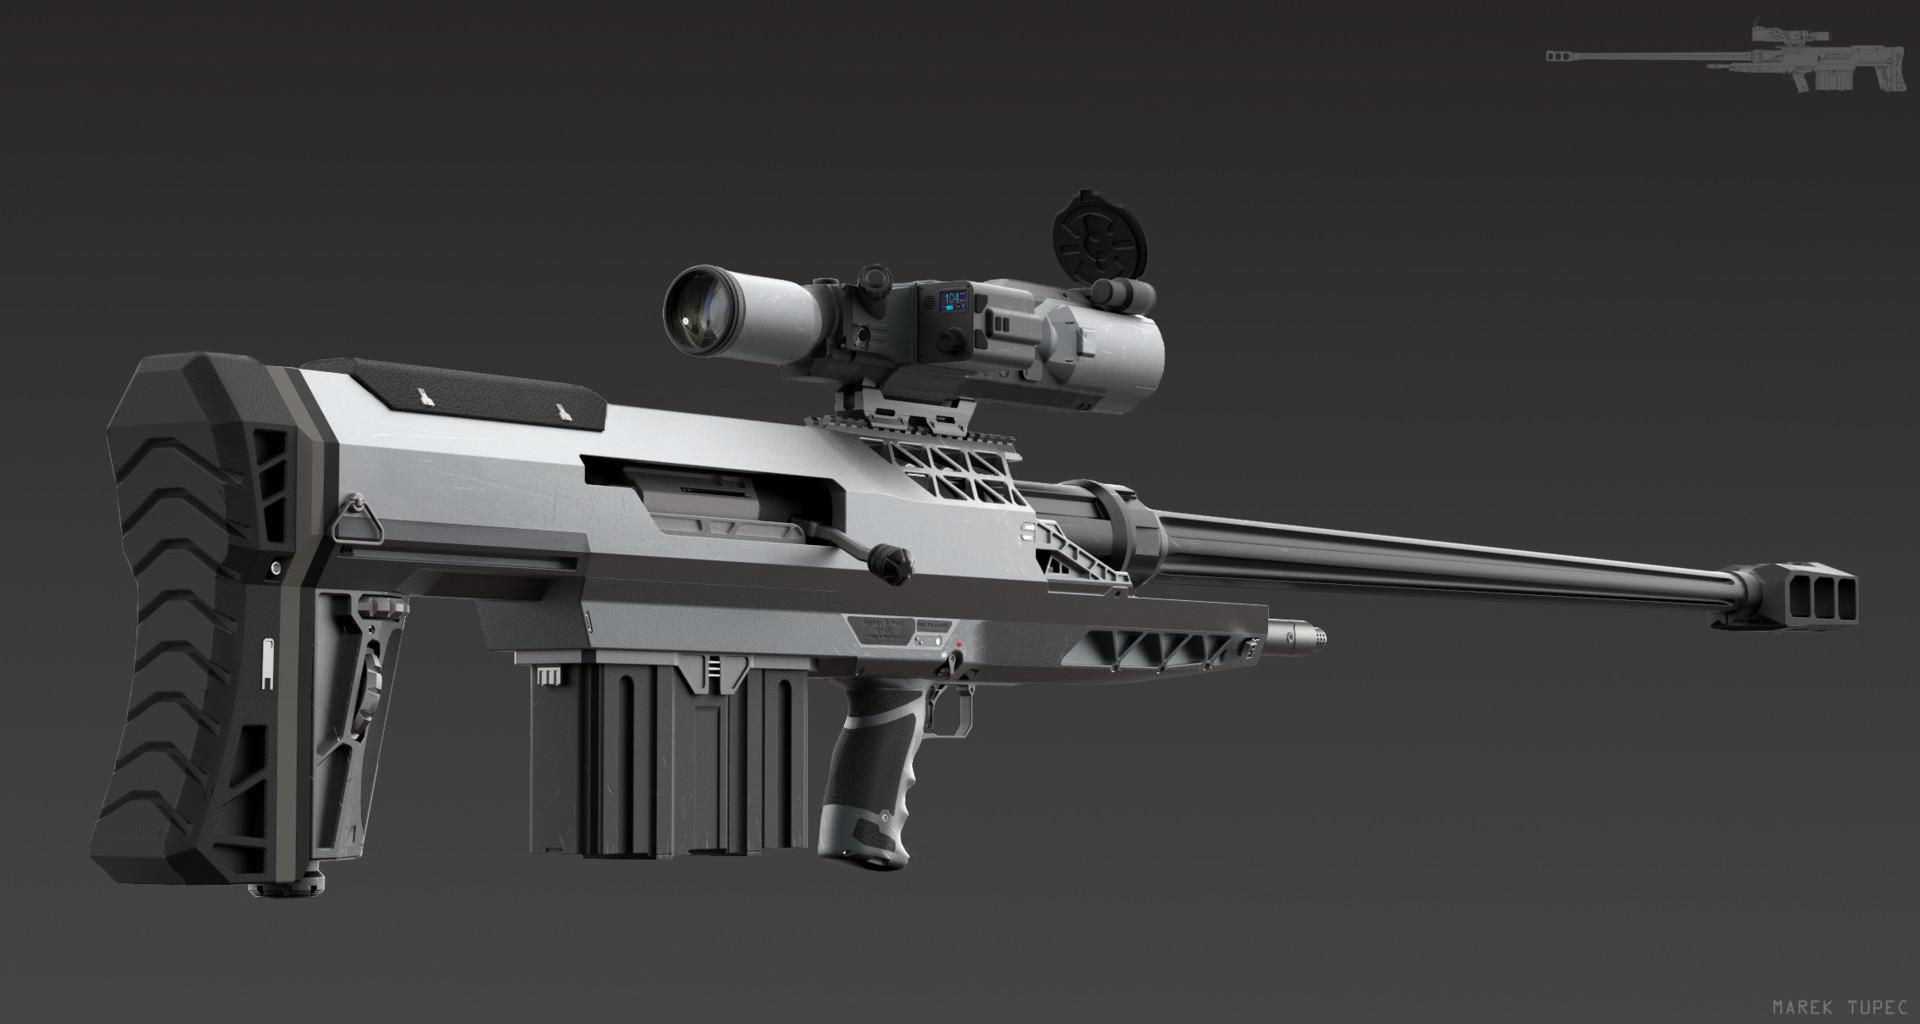 Shooting Material: RFS -25 Anti-material Rifle